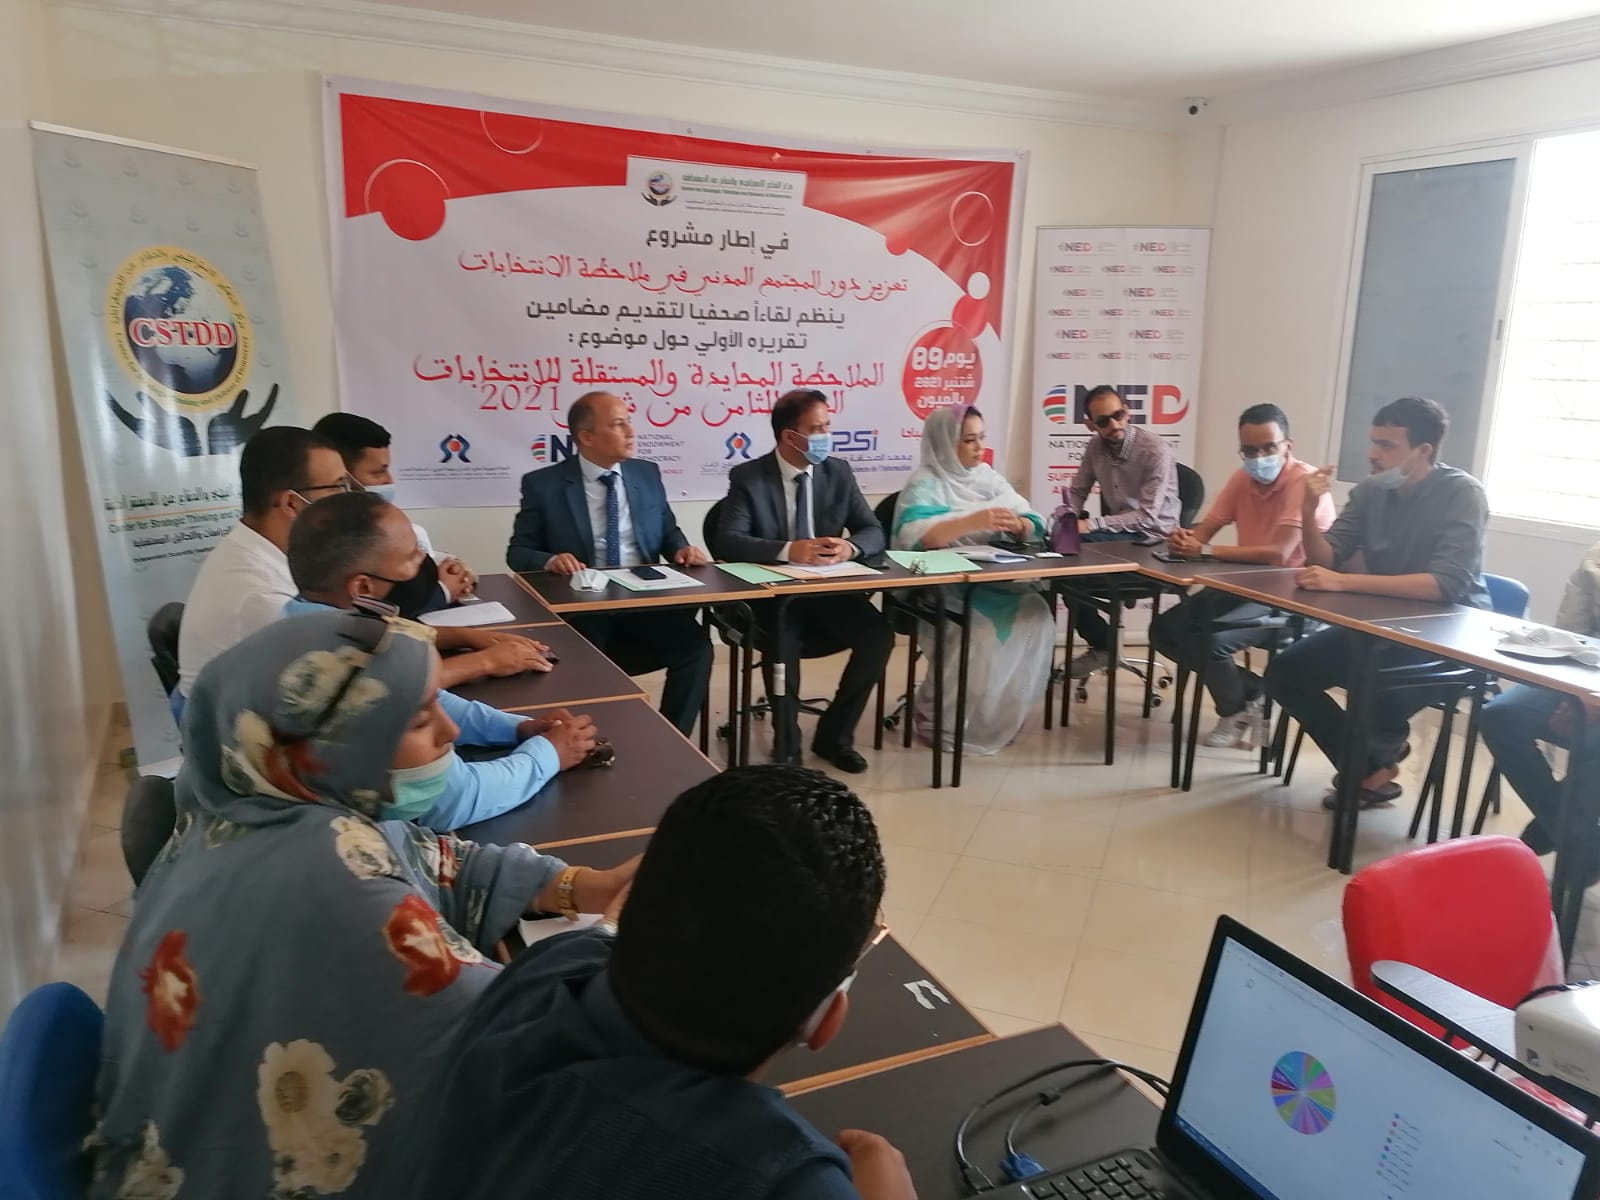 المشاركة السياسية للفئات محور تقرير اولي حول الملاحظة المستقلة لانتخابات 2021 بالمغرب